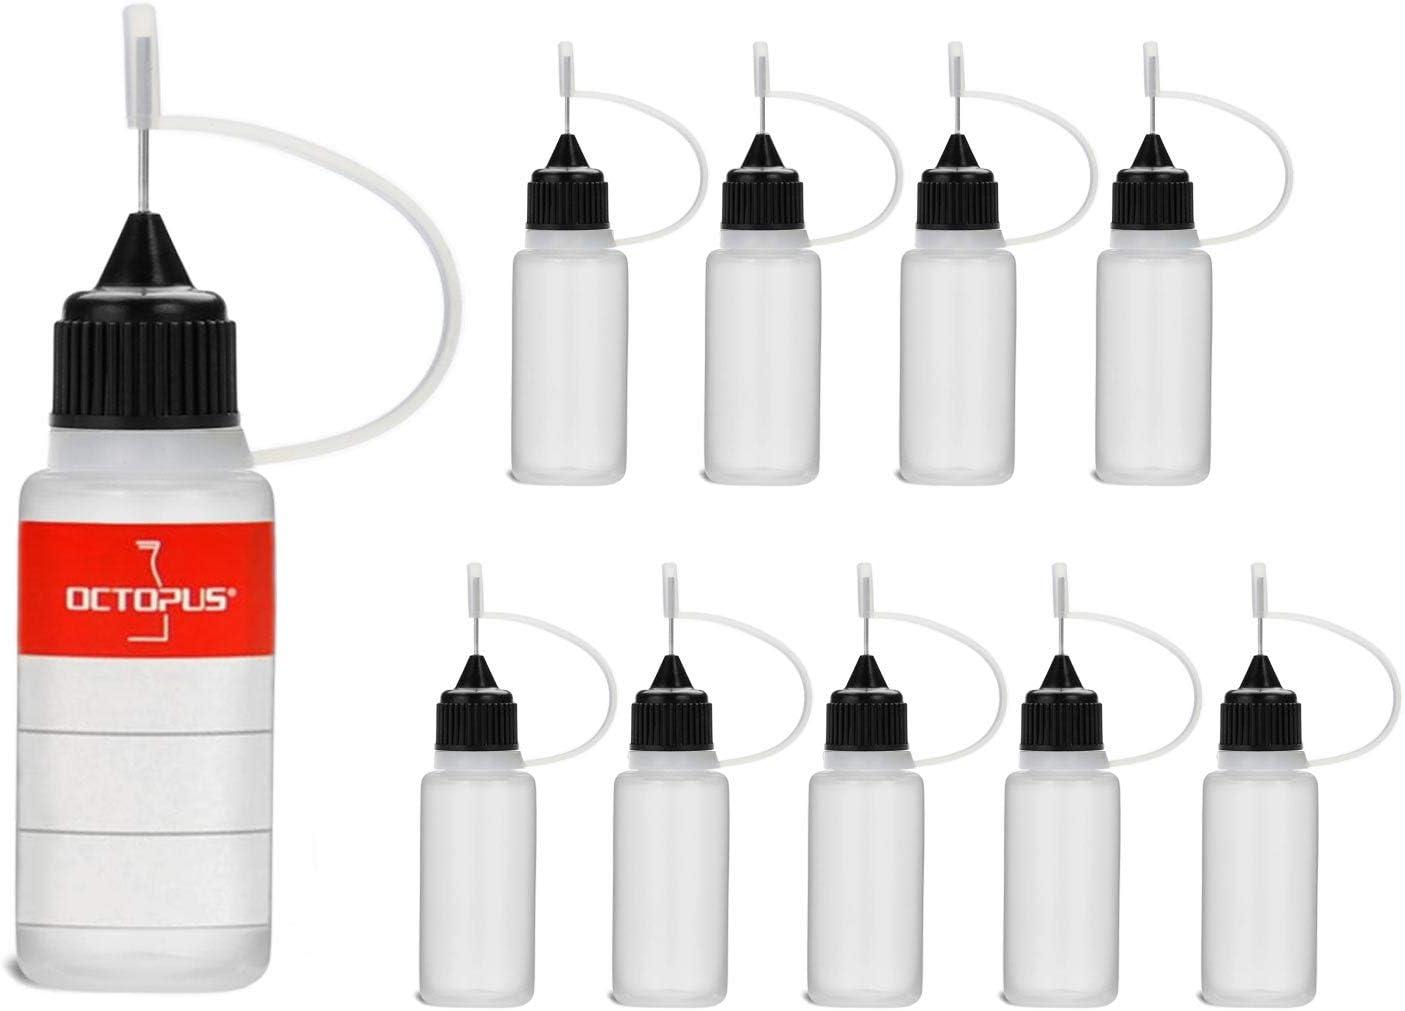 10 Botellas de recarga con aguja Octopus de 10 ml, botella para líquidos electrónicos para shishas electrónicas y cigarrillos electrónicos, aceites, tintas y pegamentos, botellas vacías de plástico LD